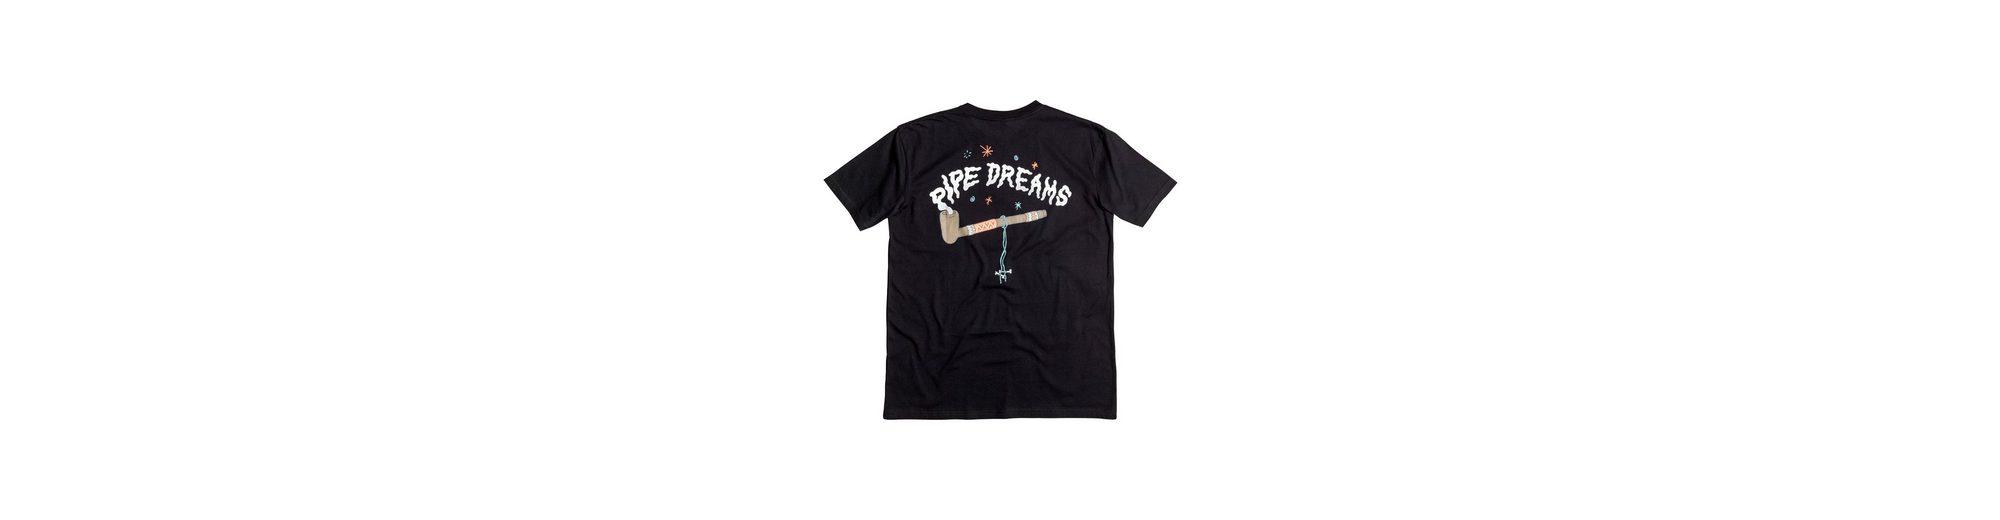 Billig Verkauf Erhalten Authentisch Perfekt Quiksilver T-Shirt AM Peace Pipe Verschleißfestigkeit i35RU0VmLy